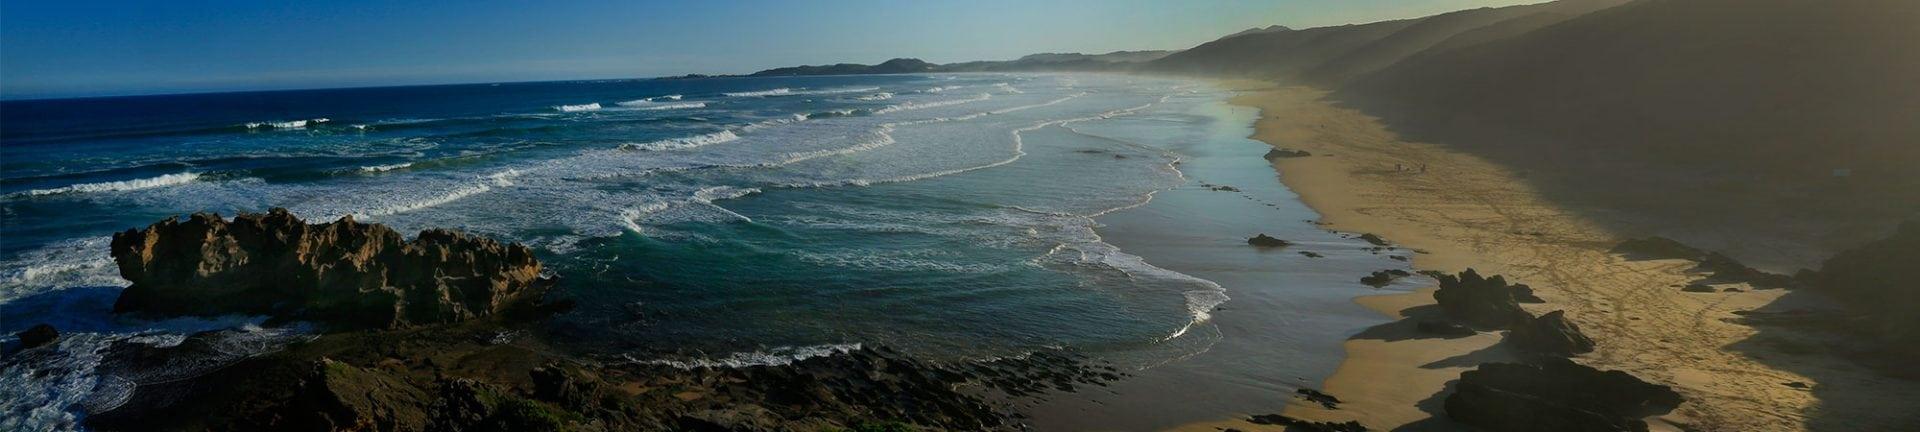 main_beach